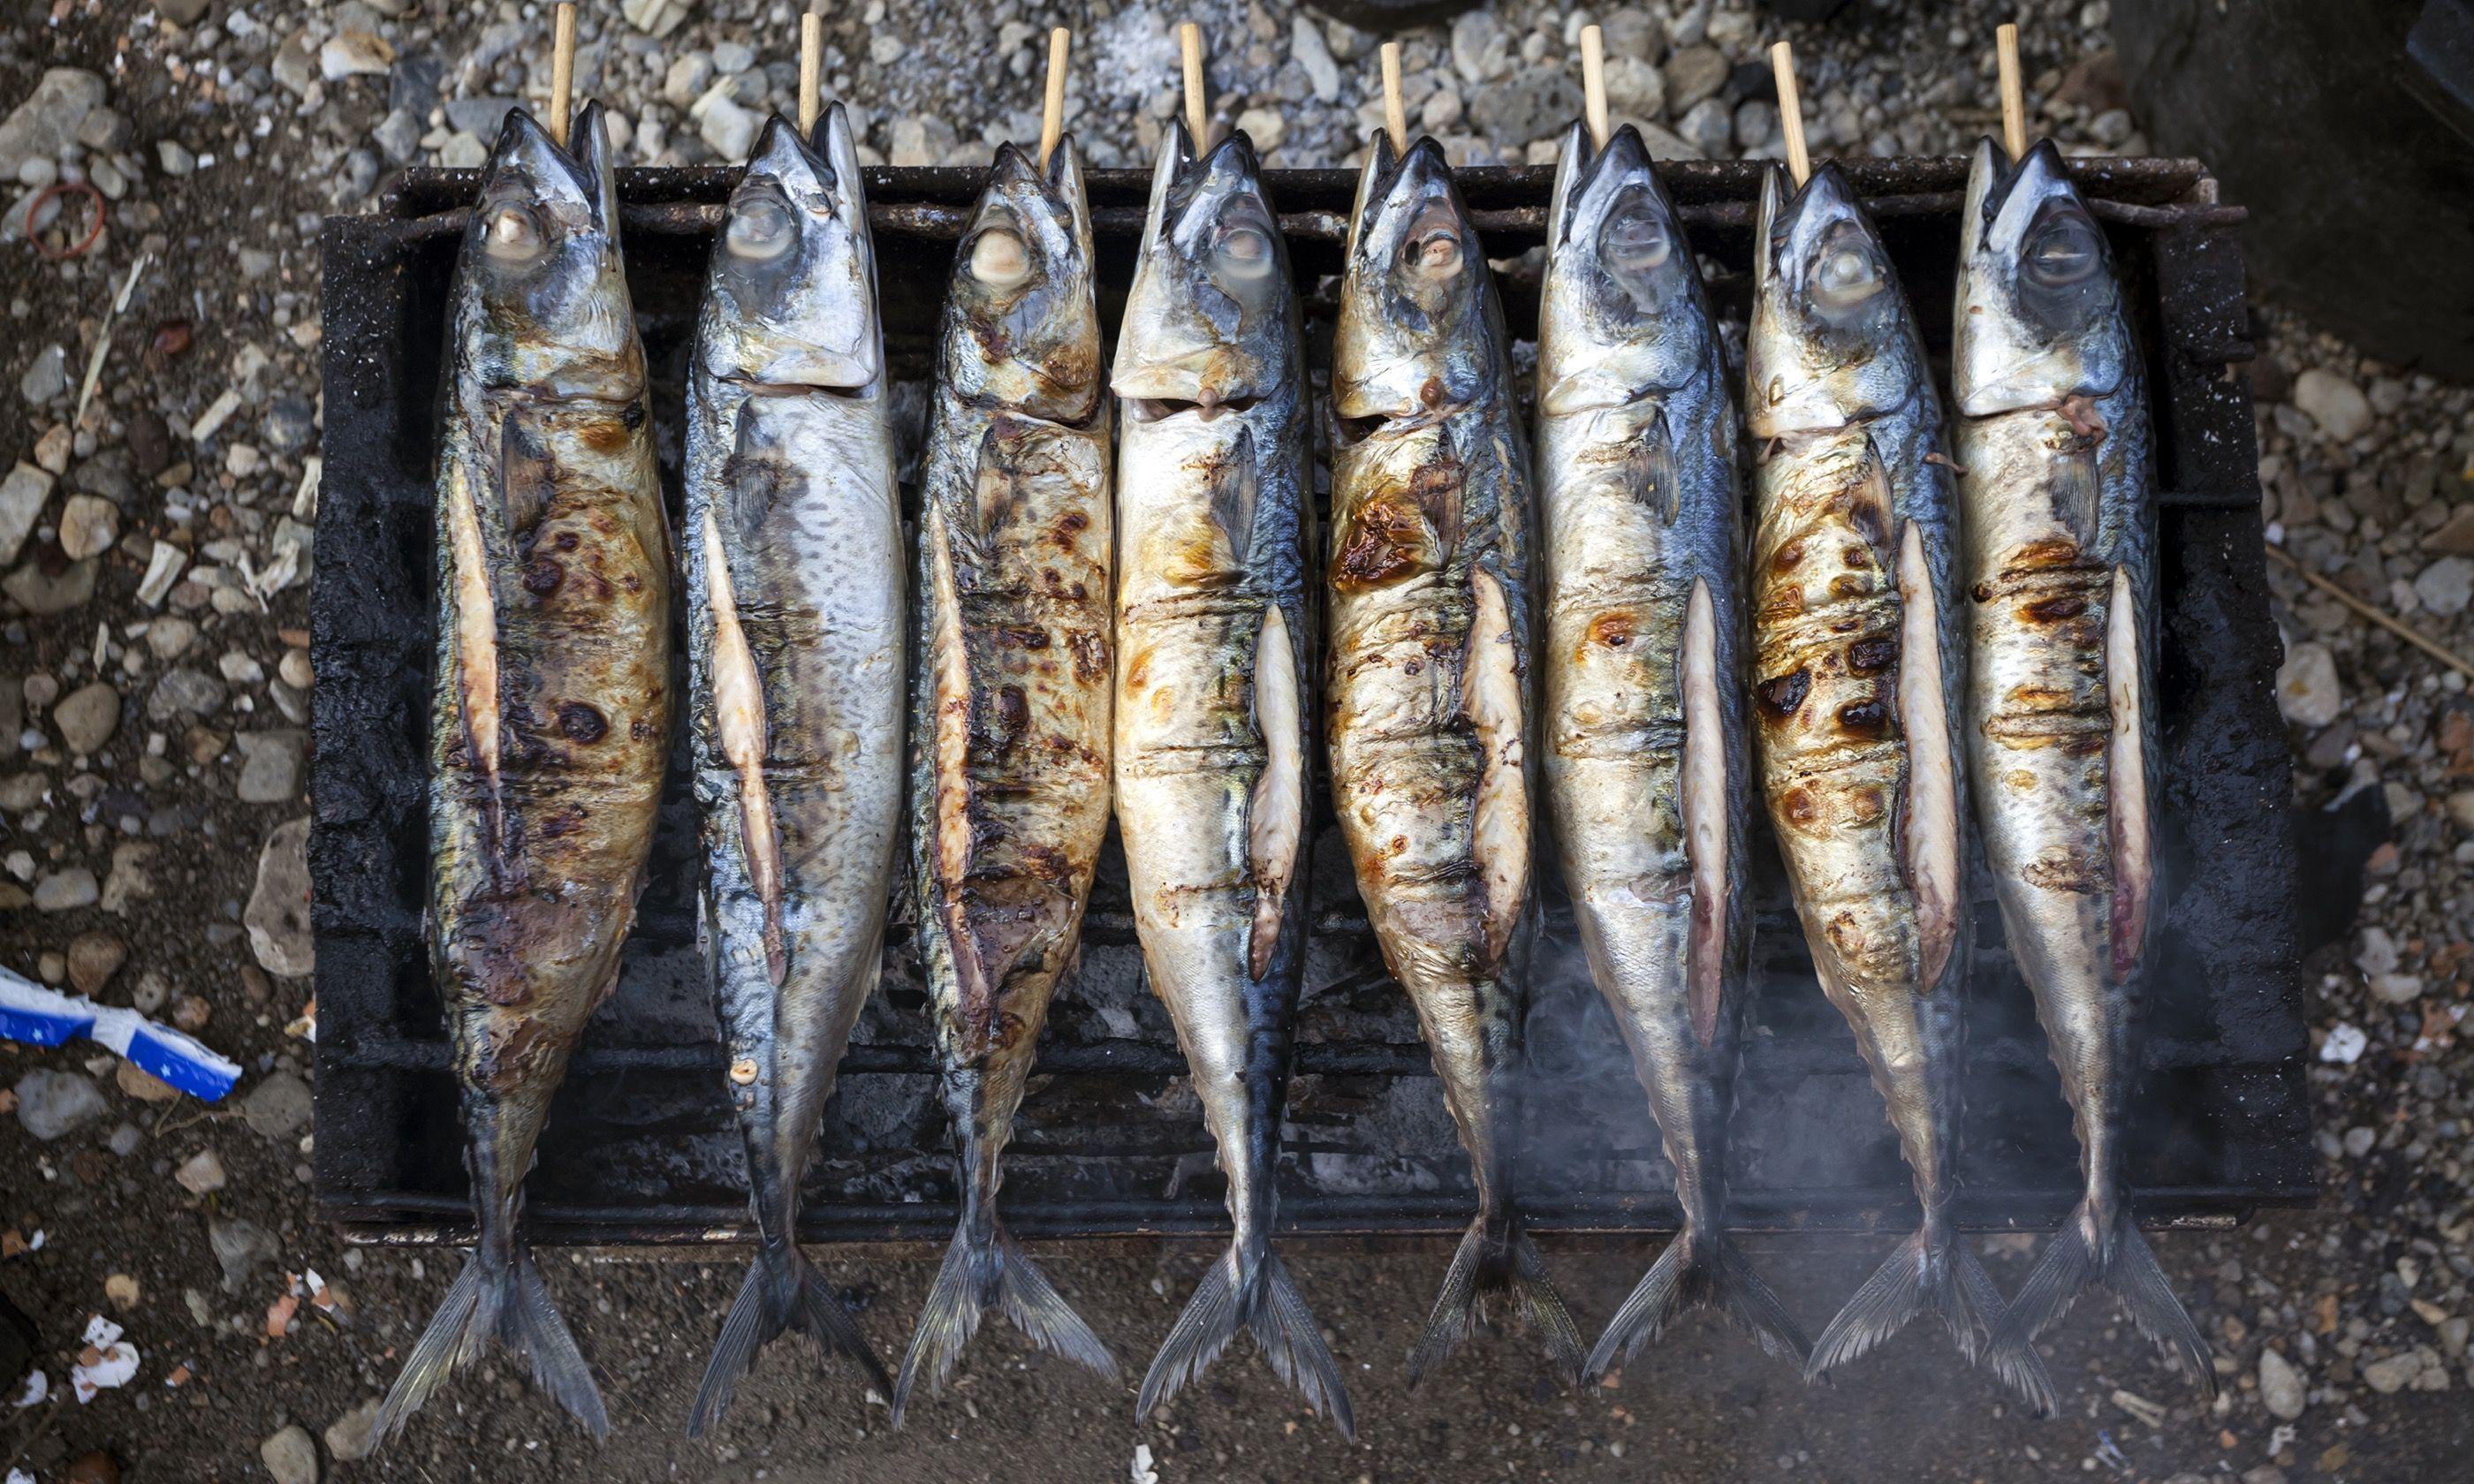 Grilled Mackerel (Shutterstock.com)